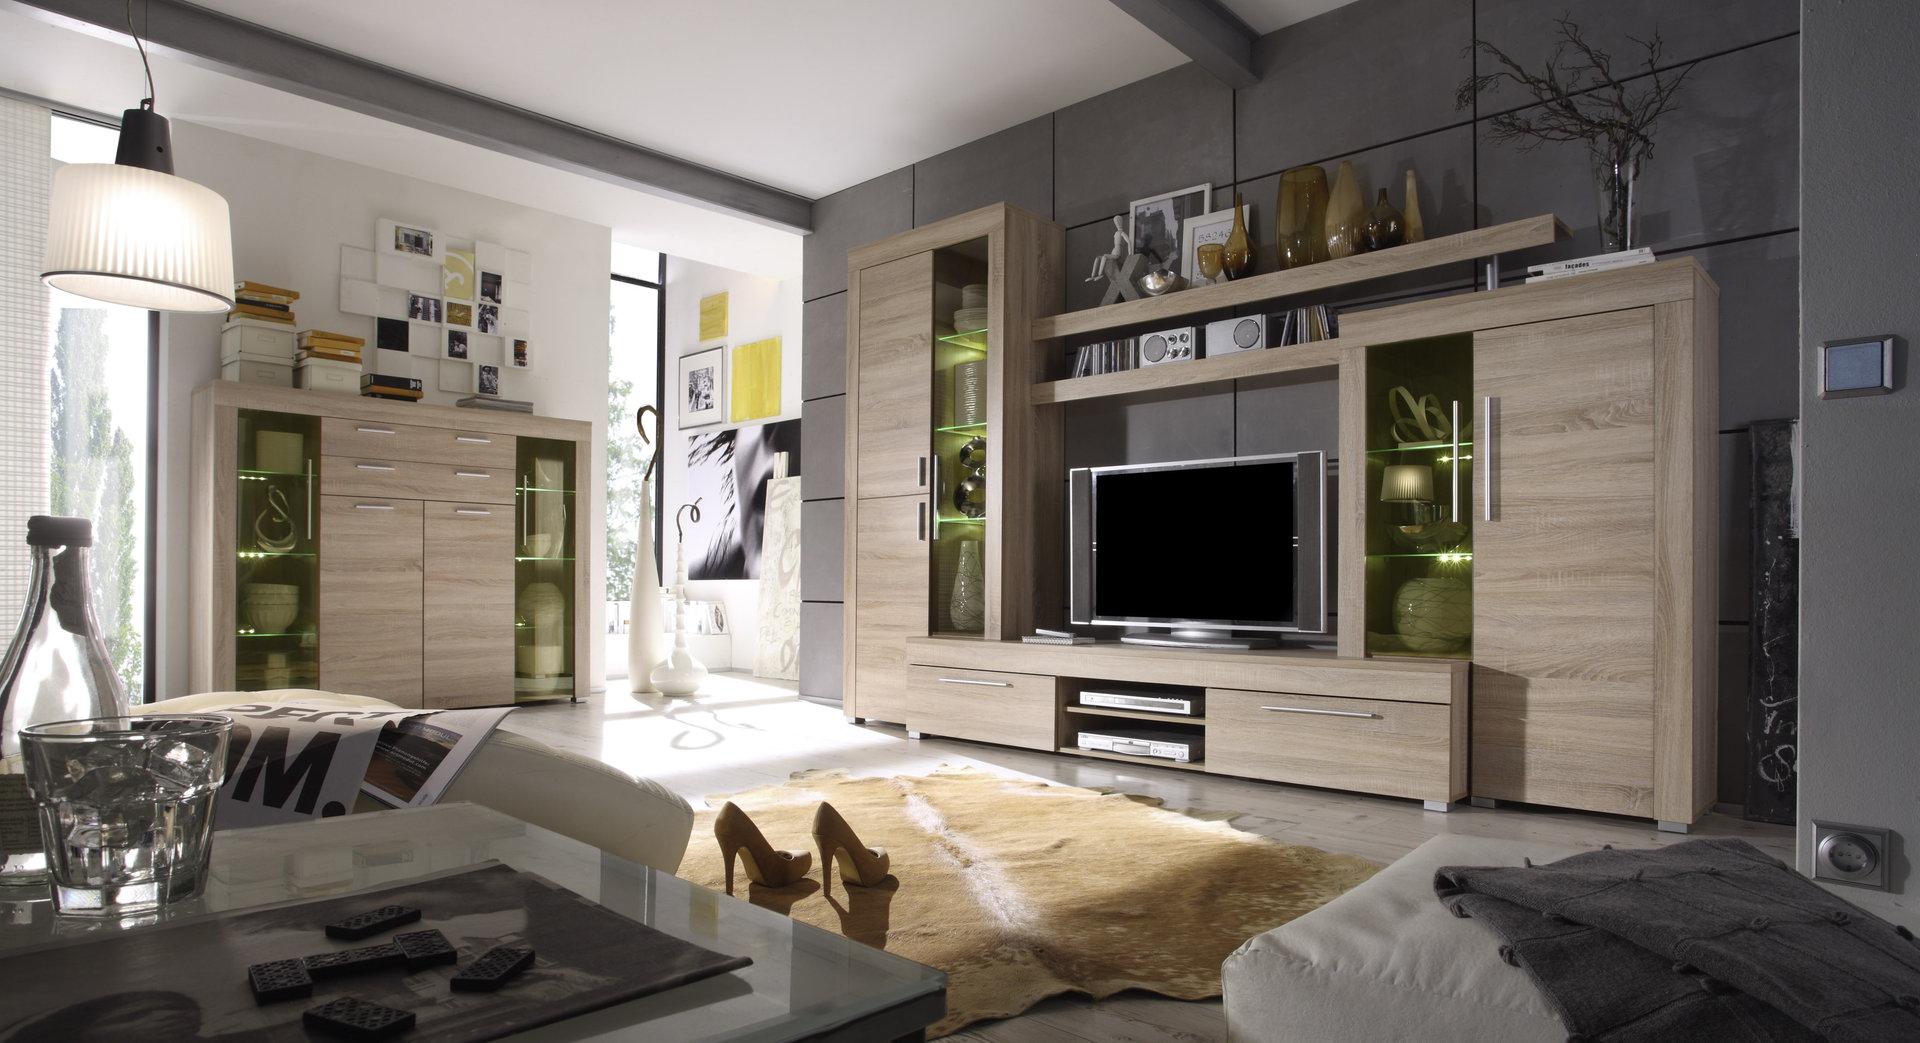 Soggiorno moderno friend parete porta tv di design con led for Modelli di soggiorni moderni